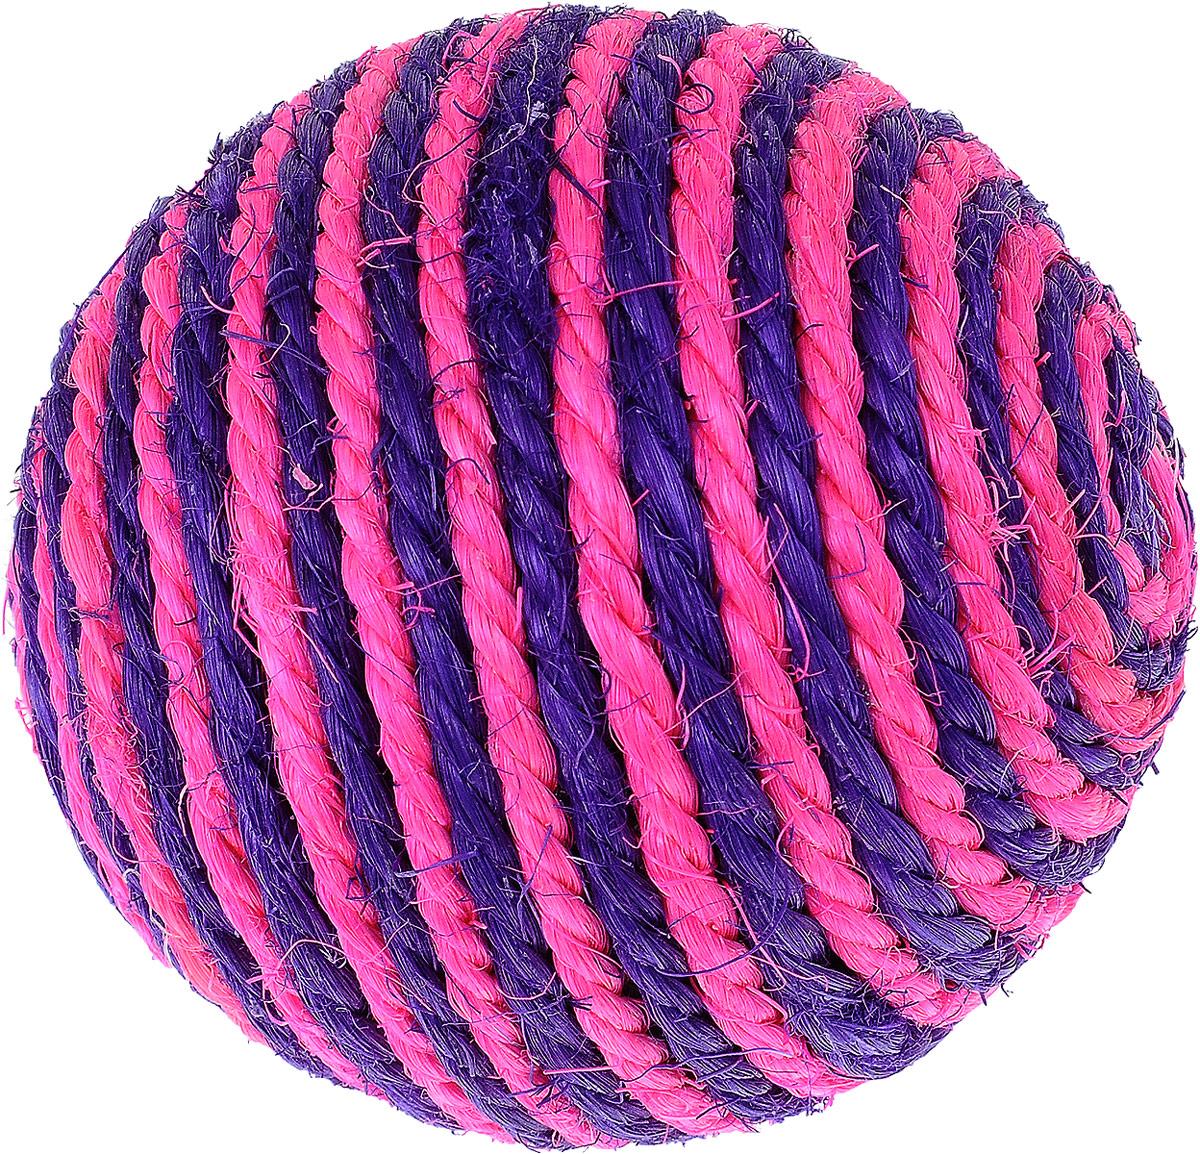 Игрушка для кошек Triol Шарик, цвет: розовый, фиолетовый, диаметр 9,5 смКк-03700Шарик - это забавная когтеточка, разработанная компанией Triol в виде небольшого шарика из сизали. Данные когтеточки пользуются особенным вниманием у кошек, ведь о них можно не только поточить коготки, но и весело поиграть гоняя по полу лапкой или покусывая зубами. Когтеточки - обязательный аксессуар для личной гигиены кошек, который помогает животным избавиться от мешающихся шелушащихся слоев когтя, причиняющих дискомфорт подушечкам лап. Кроме того волокна сизаля - натуральный растительный продукт, который не только являться очень крепким и стойким к повреждениям, но так же имеет отталкивающее бактерии покрытие, благодаря чему абсолютно безвреден для кошек. Диаметр игрушки: 9,5 см.